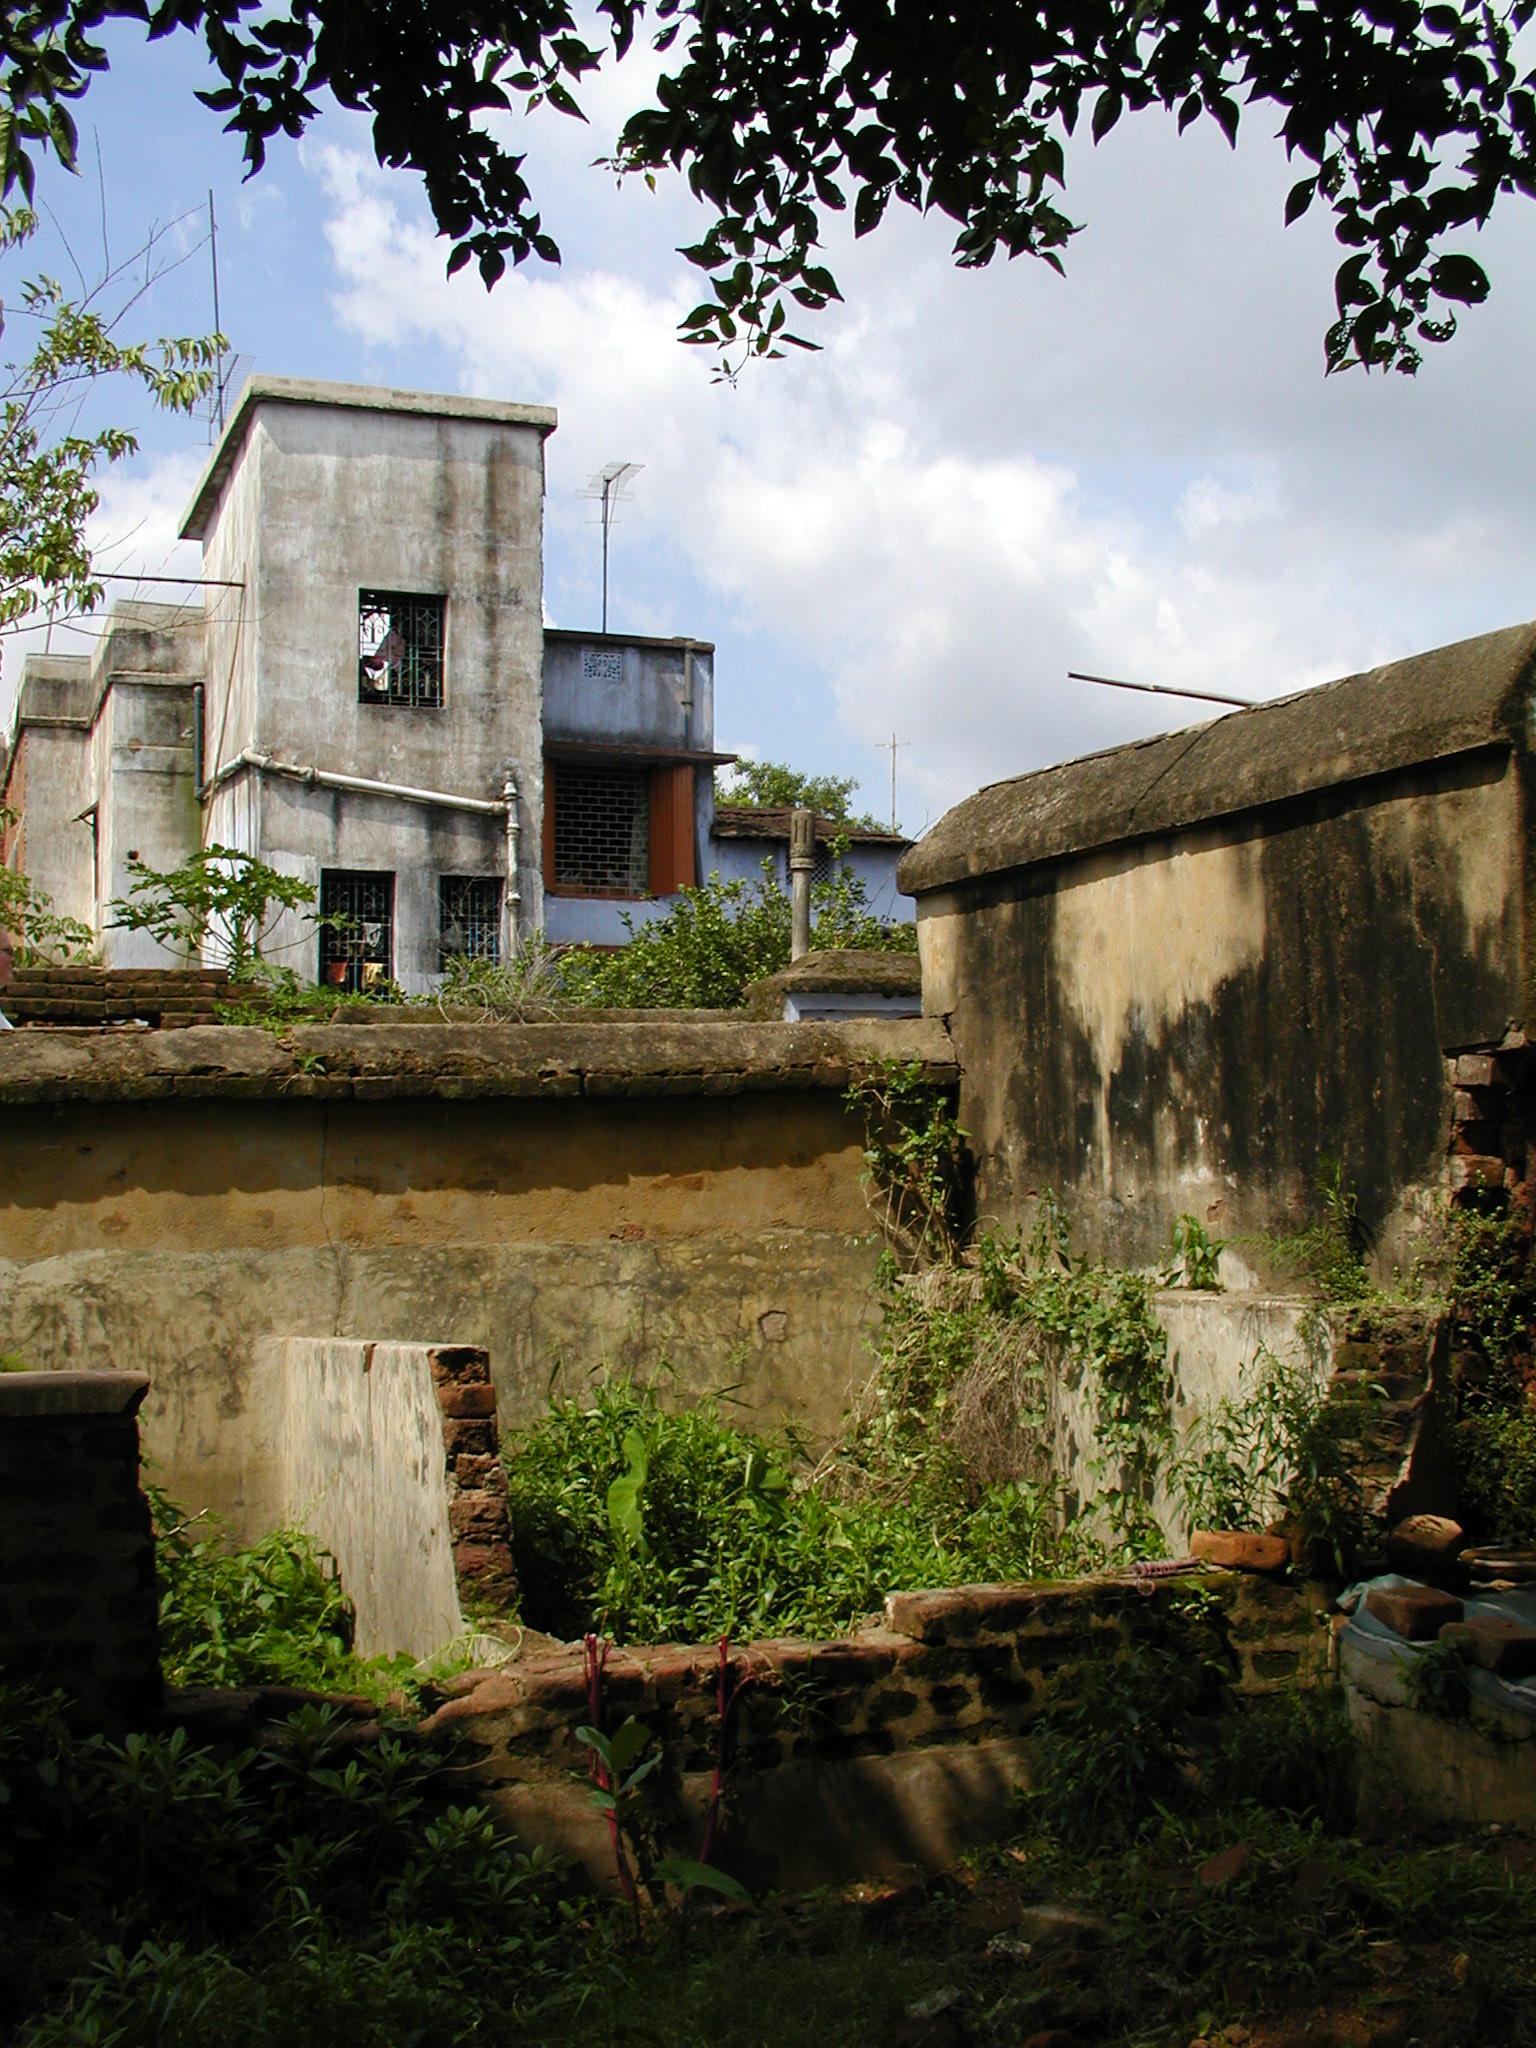 The backyard of a house in Dumka